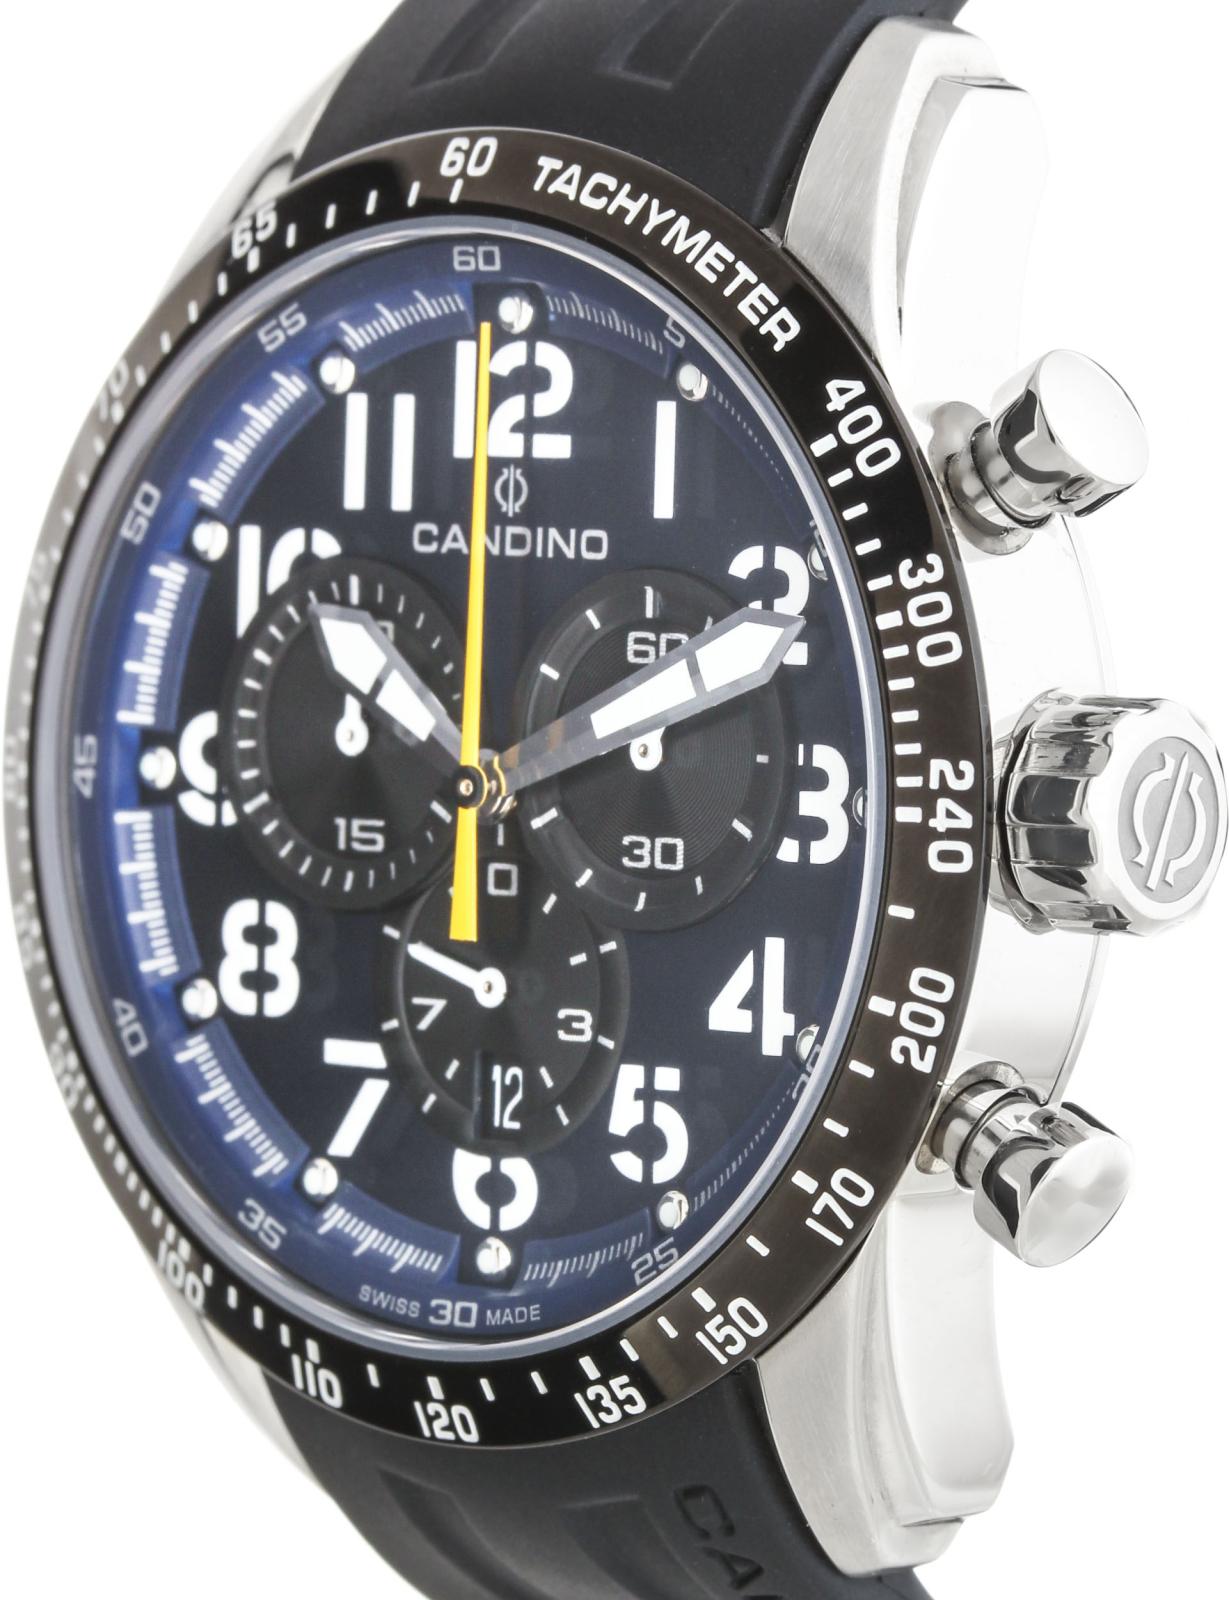 Candino Сhronograph C4472/3Наручные часы<br>Швейцарские часы Candino Сhronograph C4472/3Модель входит в коллекцию Сhronograph. Это стильные мужские часы. Материал корпуса часов — сталь. В этой модели стоит сапфировое стекло. Водозащита этих часов 100 м.<br><br>Пол: Мужские<br>Страна-производитель: Швейцария<br>Механизм: Кварцевый<br>Материал корпуса: Сталь<br>Материал ремня/браслета: Каучук<br>Водозащита, диапазон: 100 - 150 м<br>Стекло: Сапфировое<br>Толщина корпуса: None<br>Стиль: None